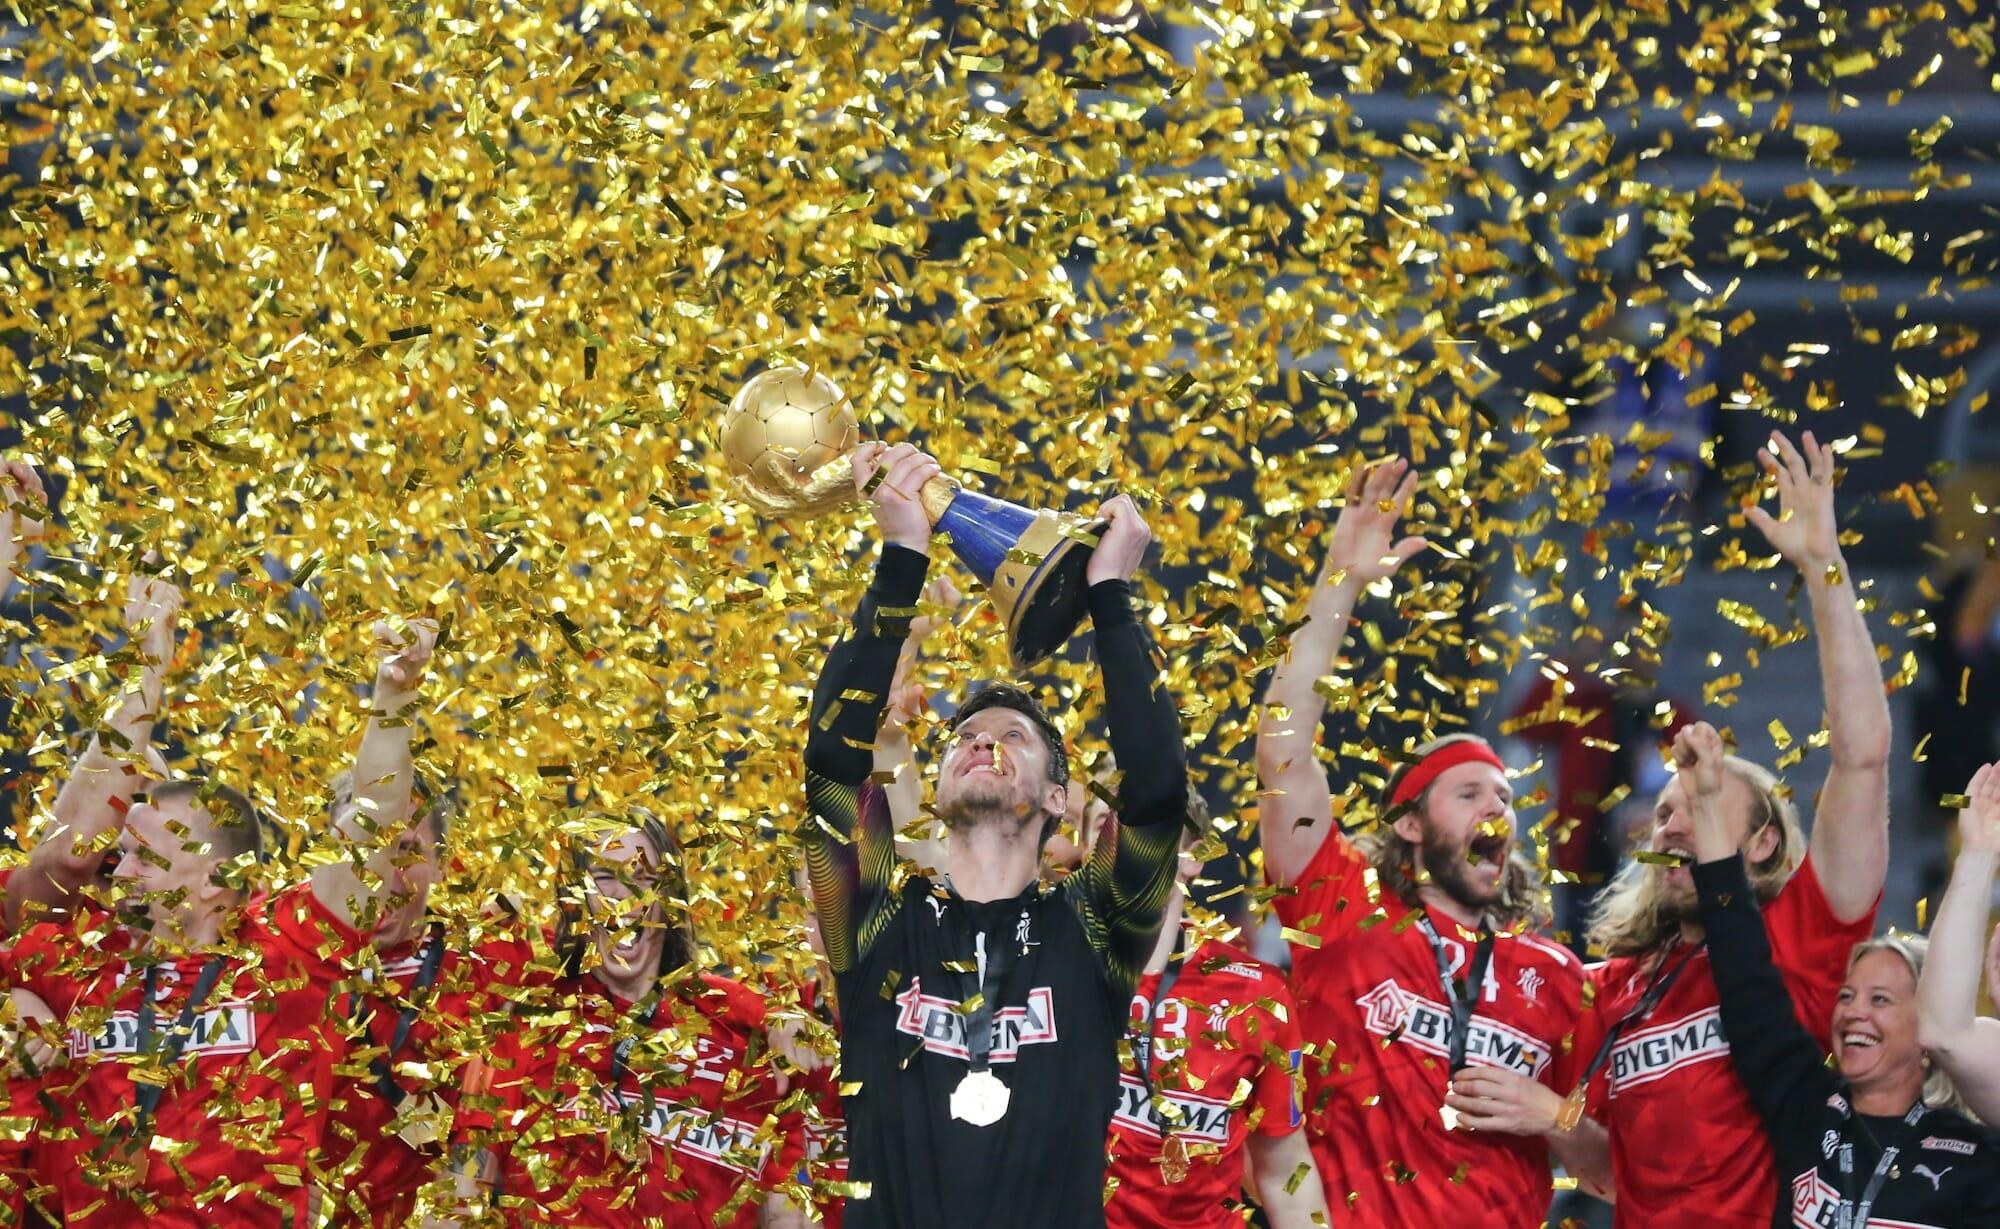 الدنمارك تتوج بكأس كرة العالم لكرة اليد عام 2021